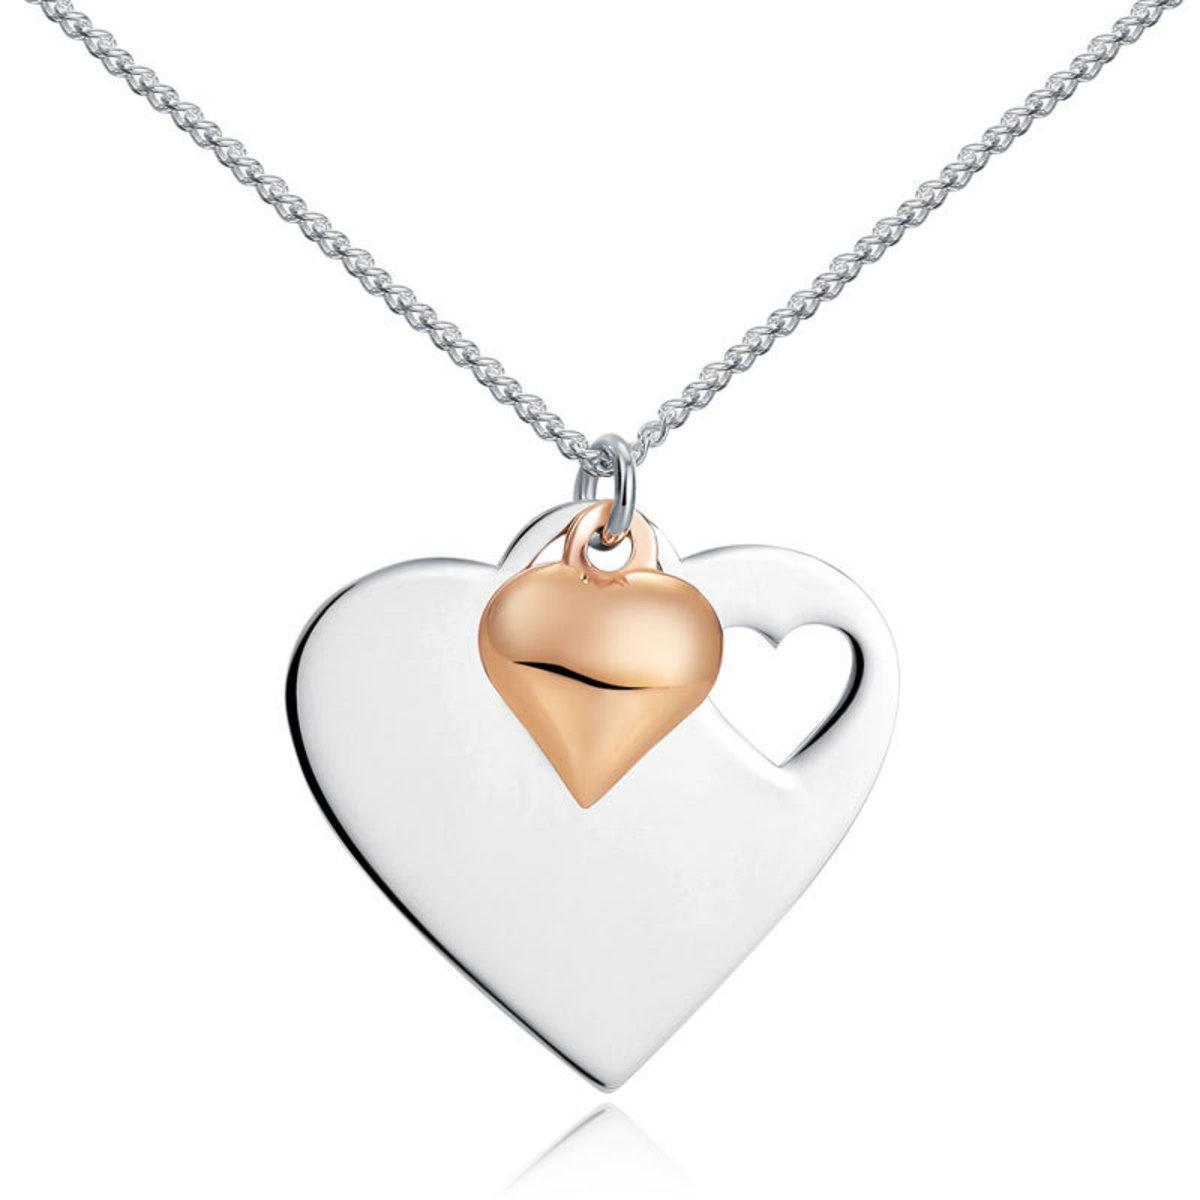 【甜蜜暗示】925純銀 Heart心形吊牌項鏈頸鏈